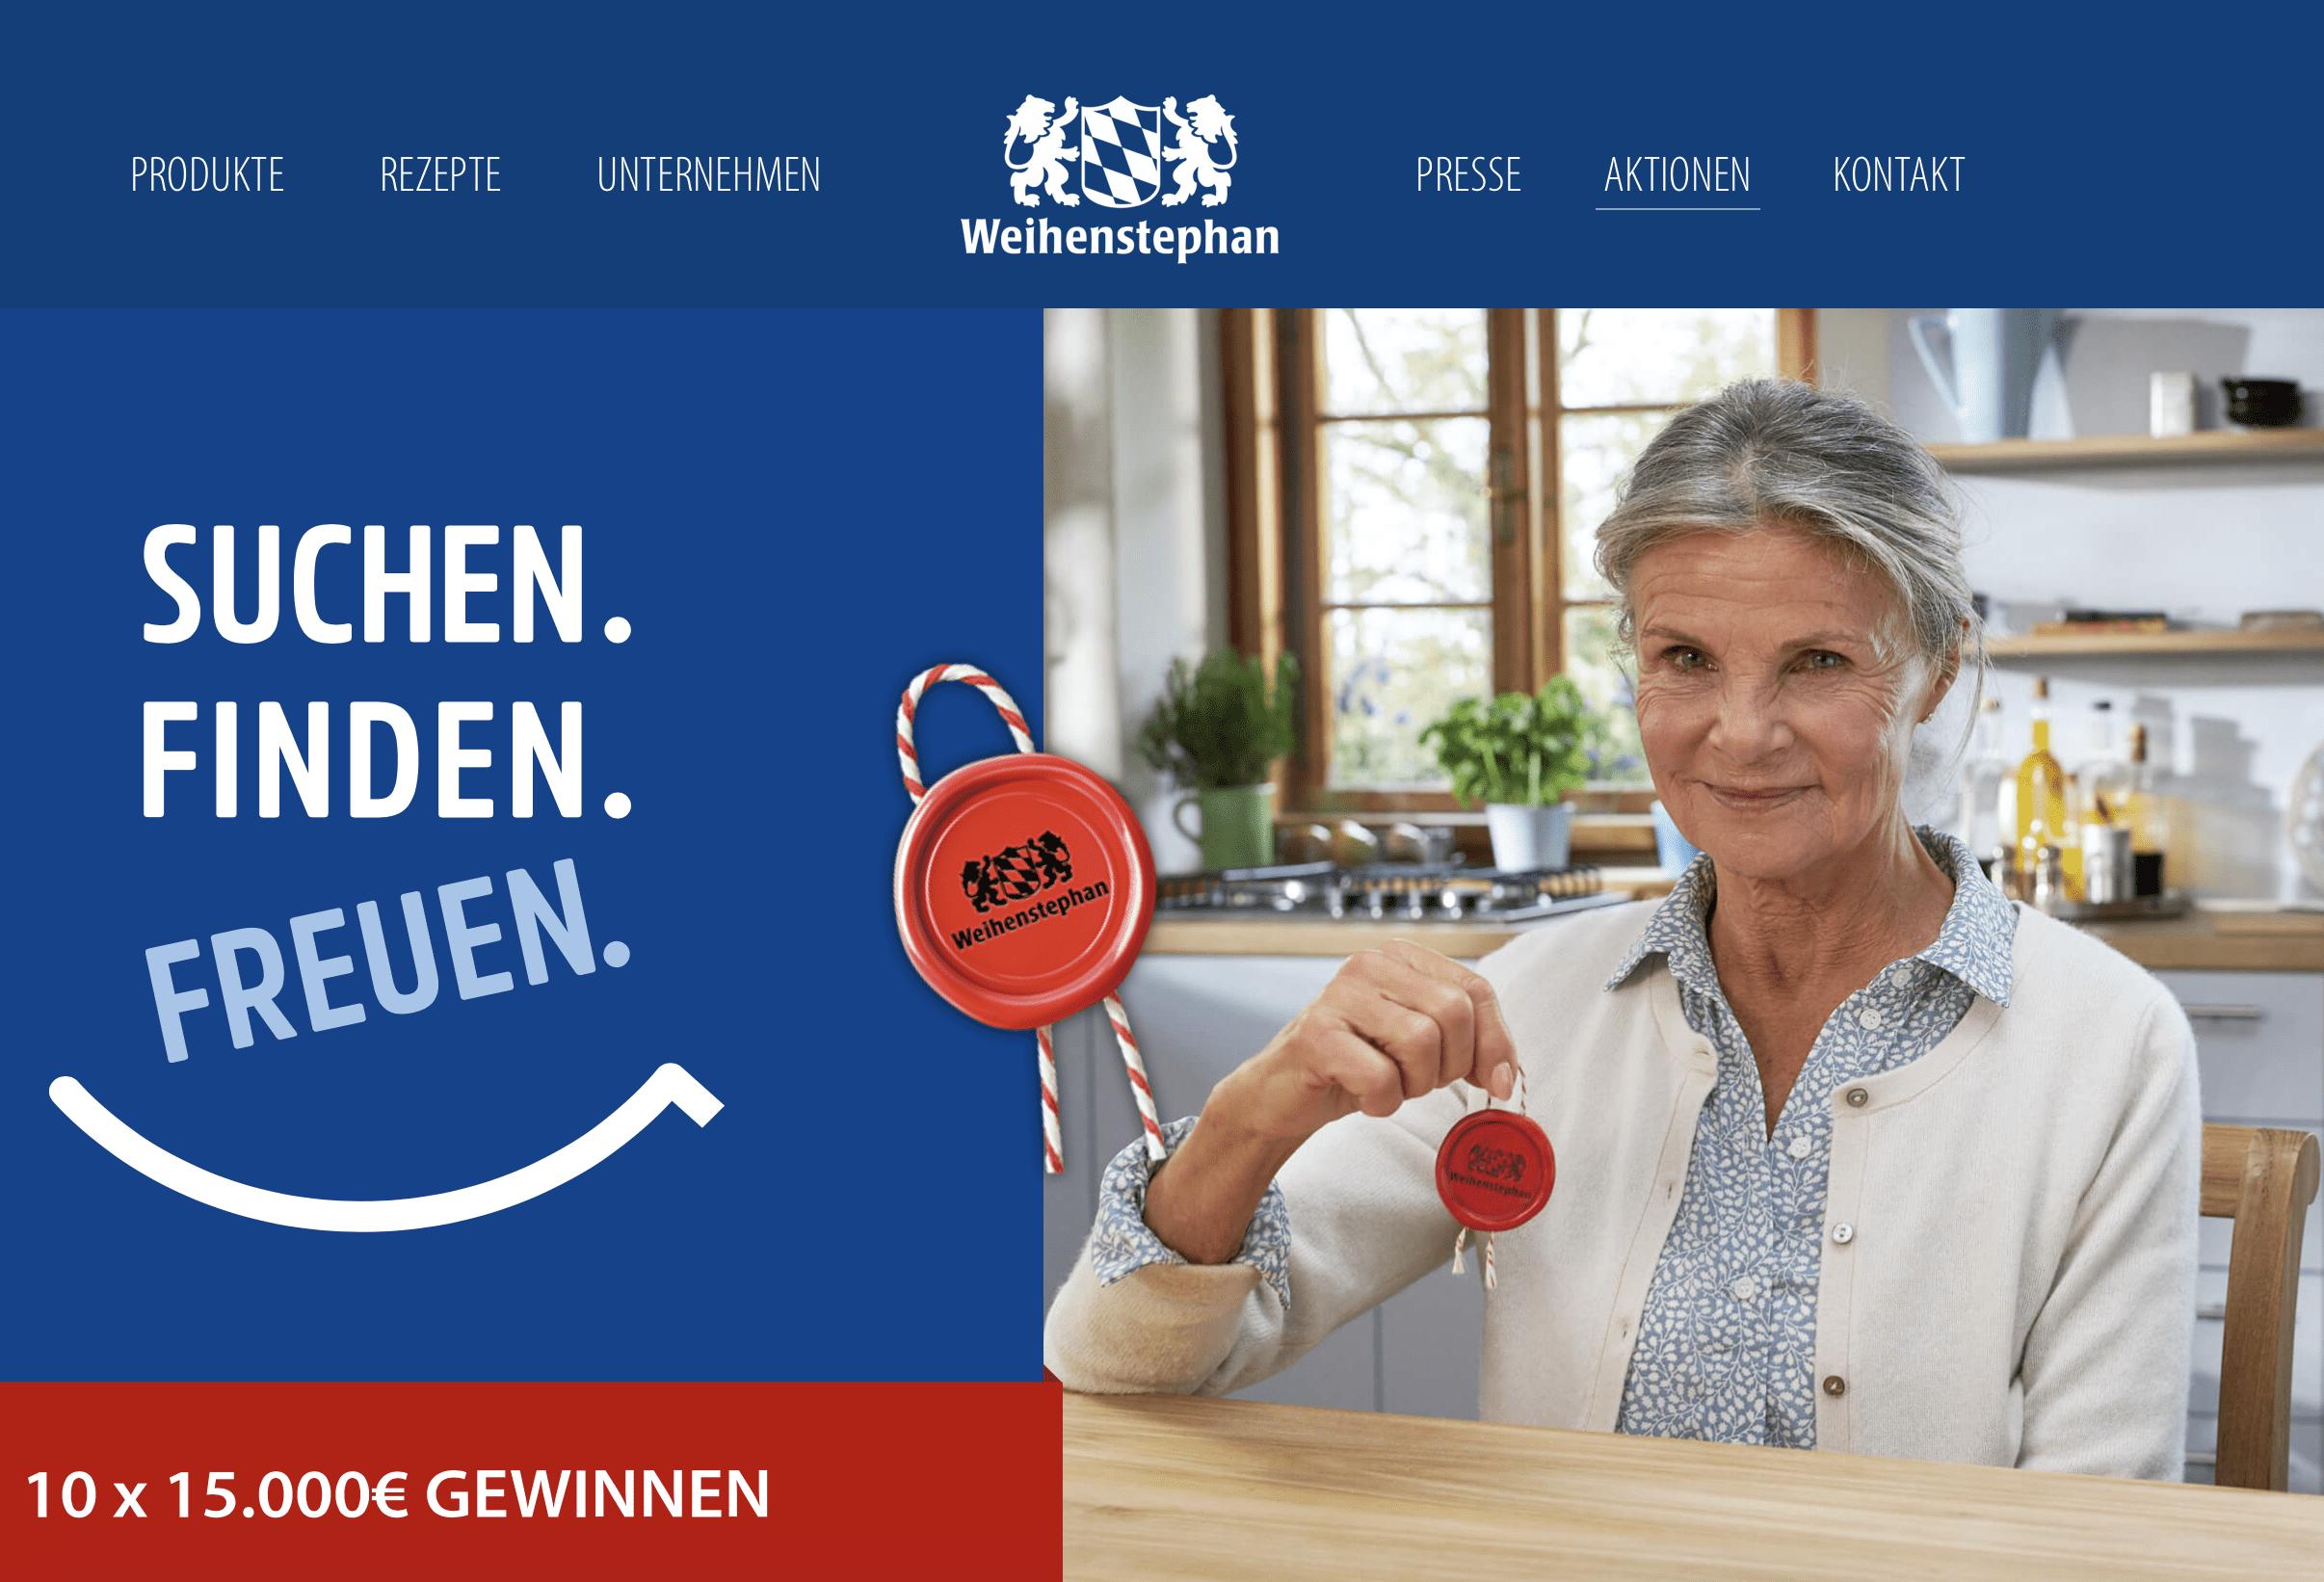 Case_Weihenstephan: _Gewinnspiel